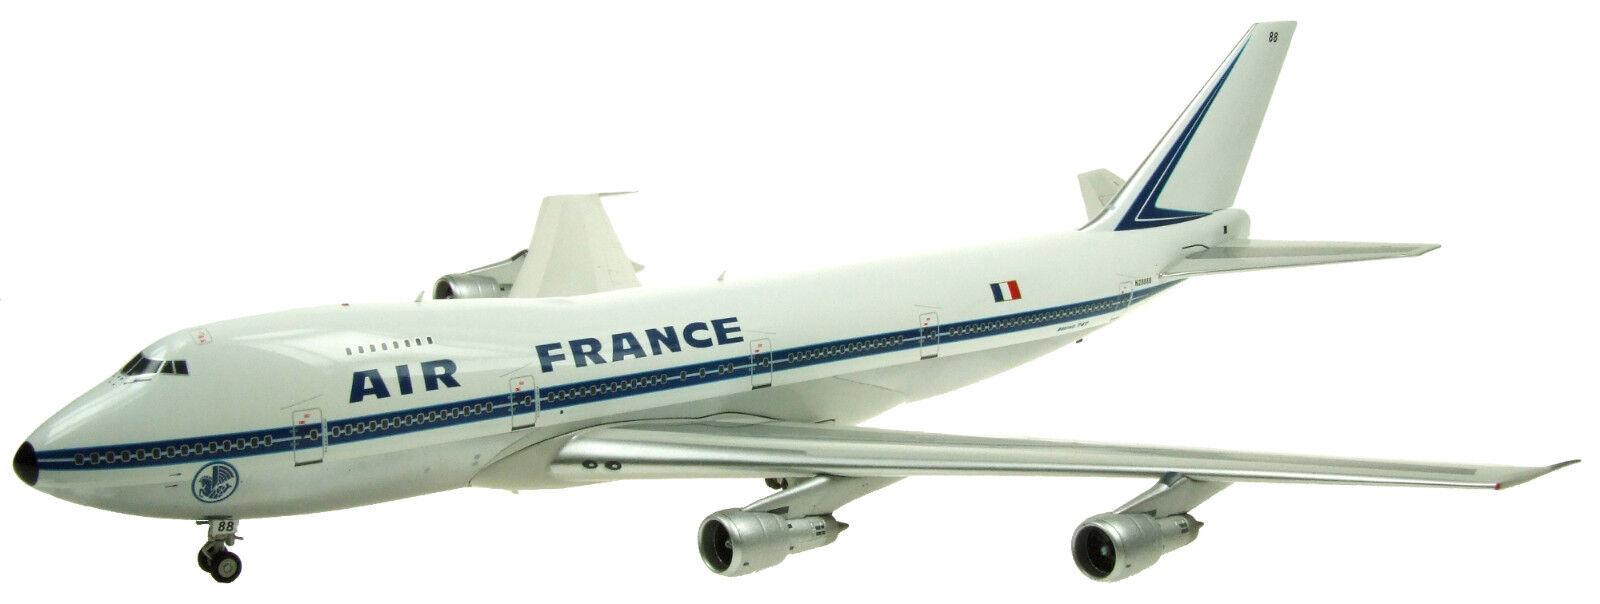 Fliegender 200 Ifcl741af002p 1 200 Air Frankreich 747-100 N28888 Poliertes